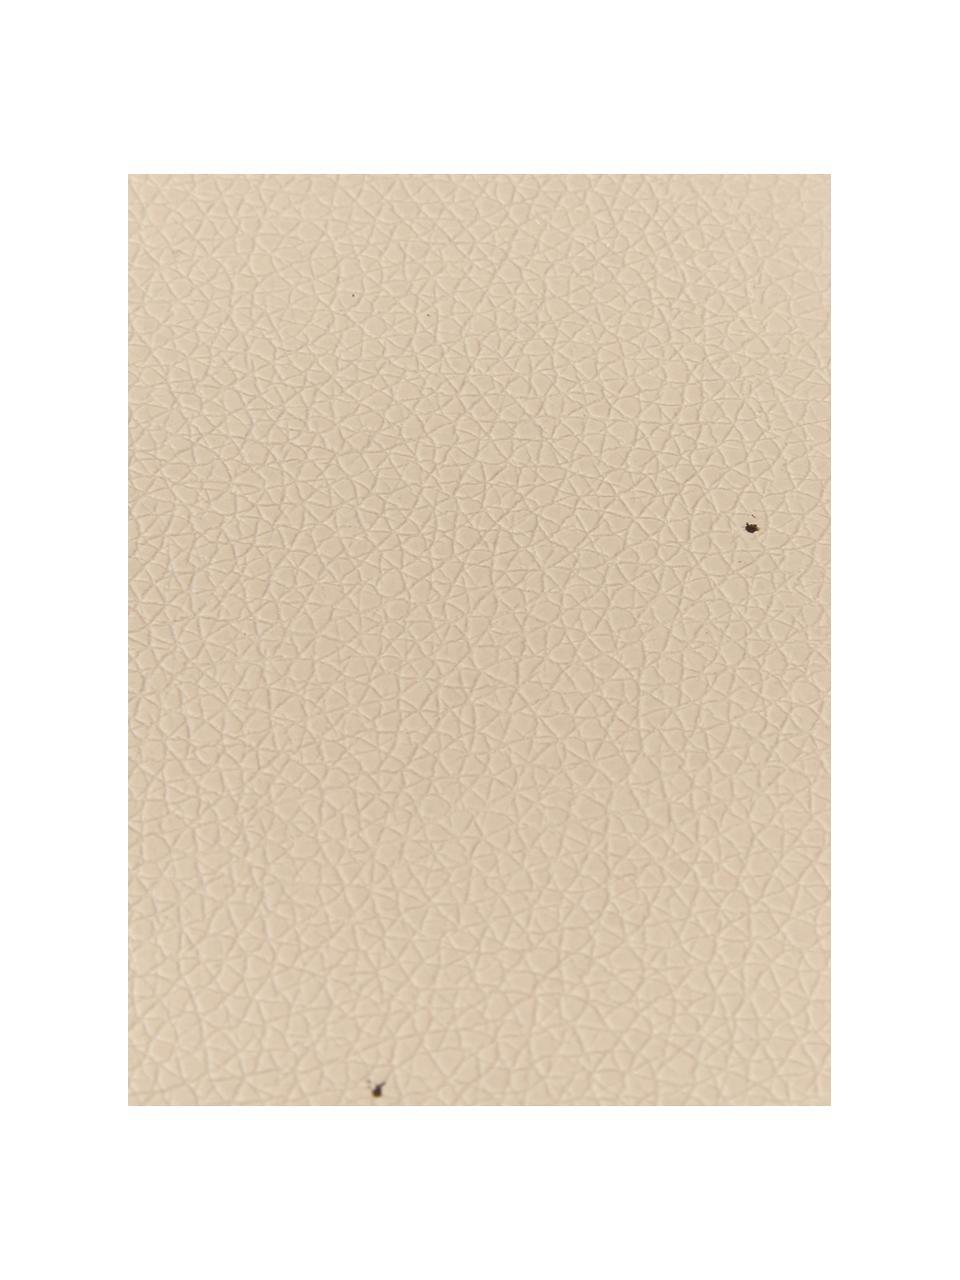 Eckige Kunstleder-Untersetzer Pik in Beige, 4 Stück, Kunstleder (PVC), Beige, 10 x 10 cm